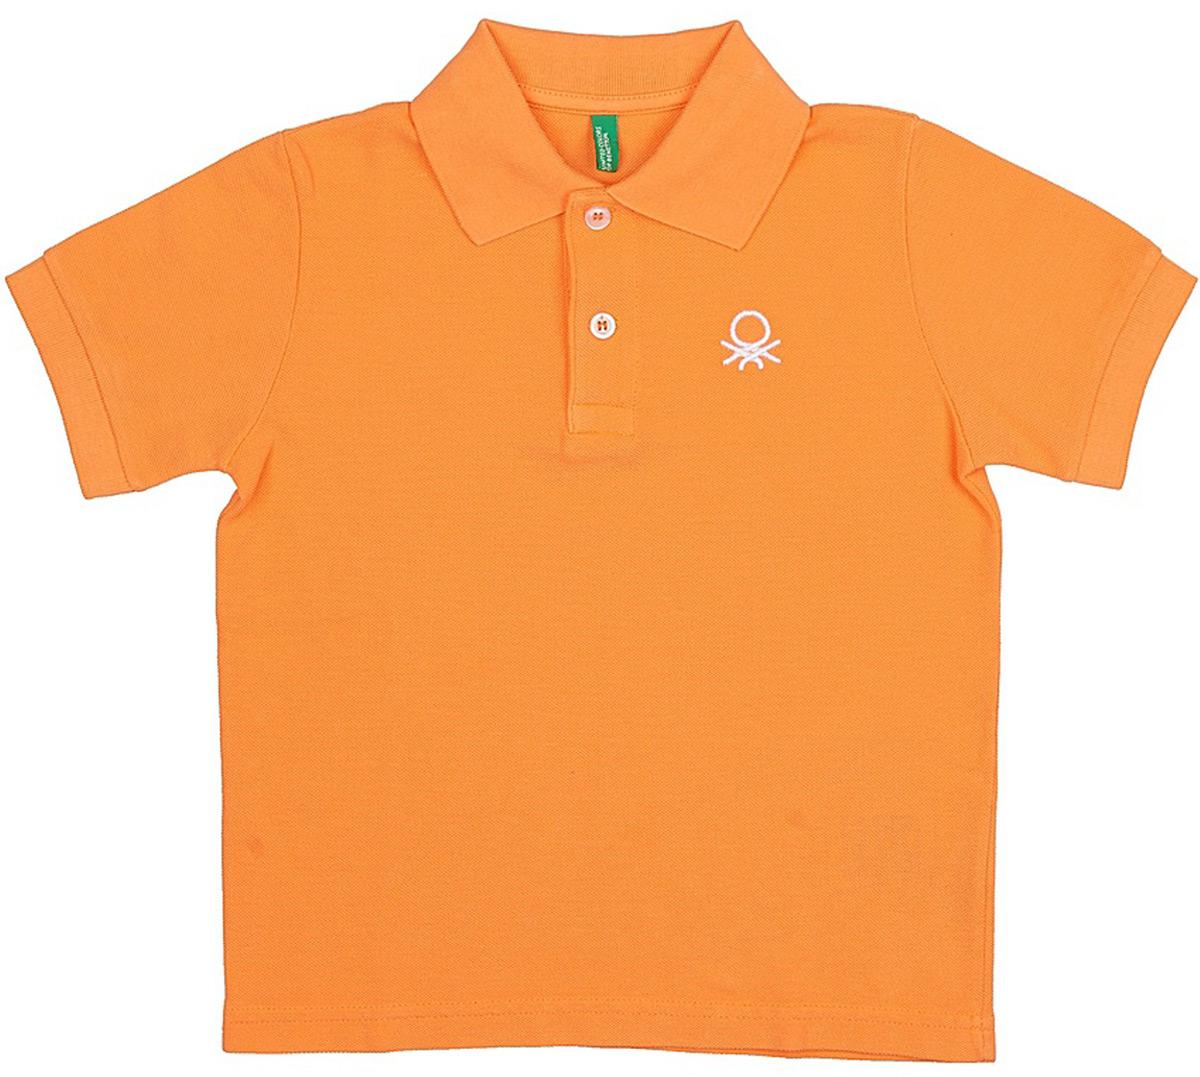 Поло для мальчиков United Colors of Benetton, цвет: оранжевый. 3089C3303_0E8. Размер 1103089C3303_0E8Лаконичное поло от United Colors of Benetton выполнено из натурального хлопкового трикотажа. Модель с короткими рукавами и отложным воротником на груди застегивается на пуговицы.